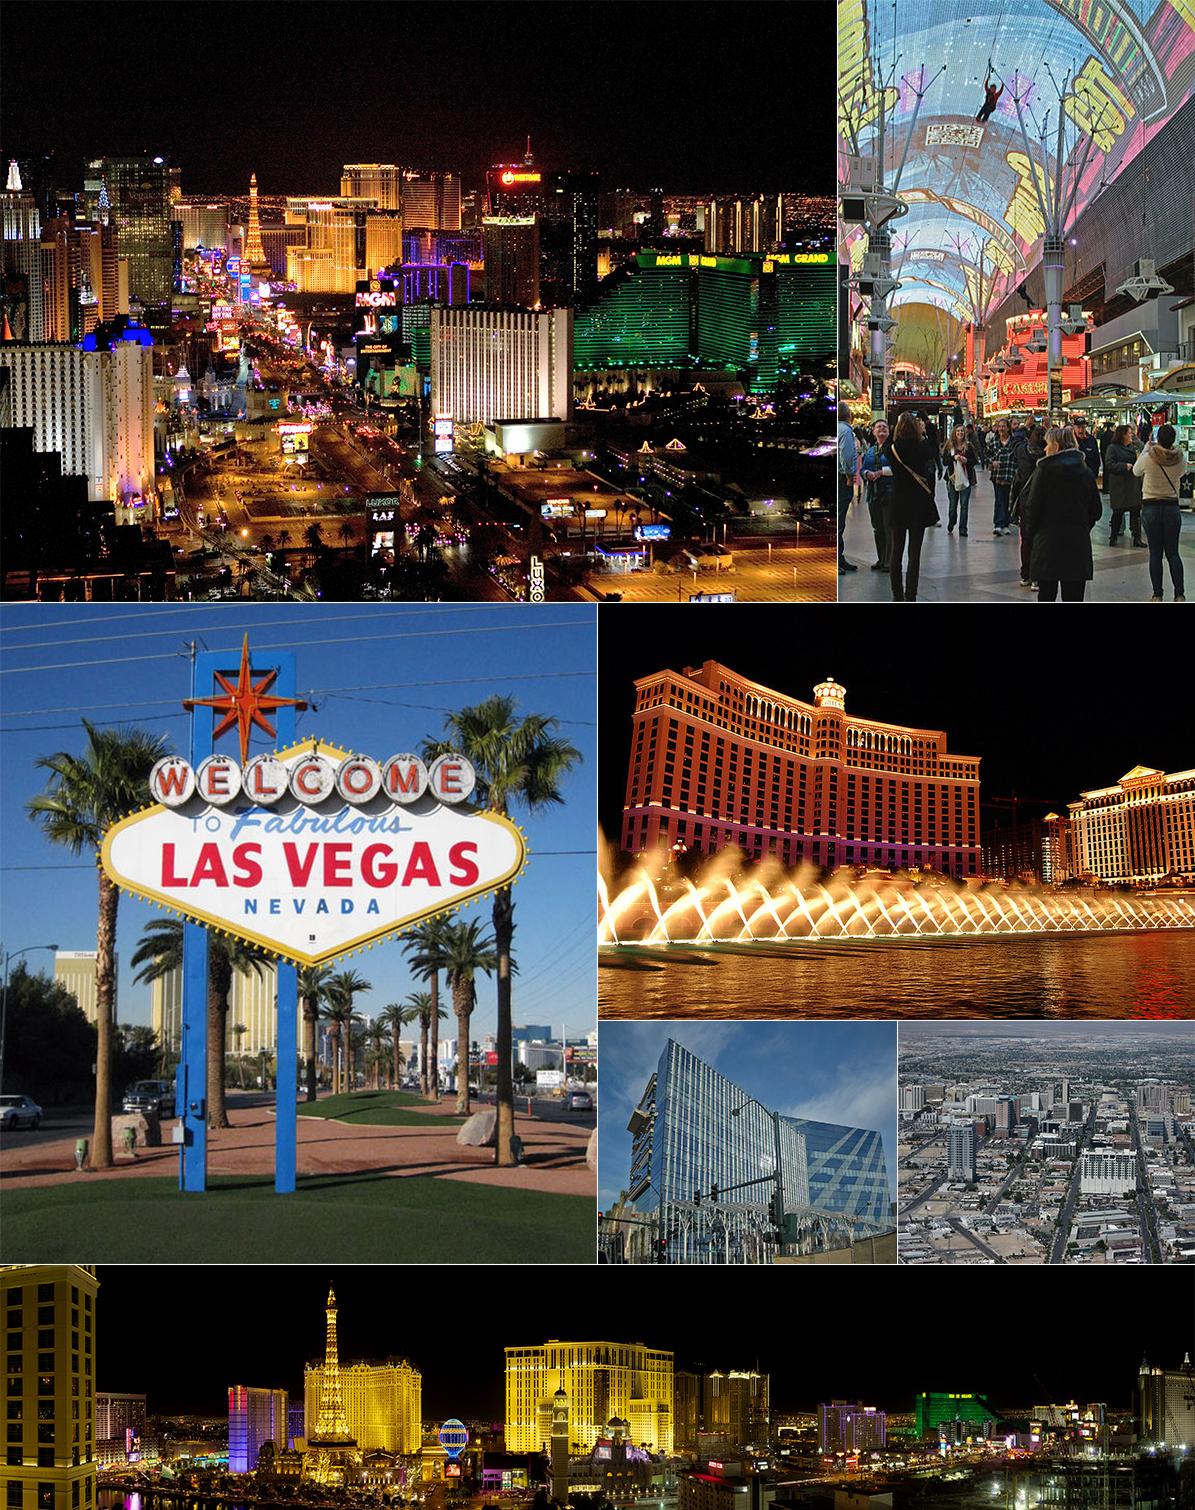 Veja o que saiu no Migalhas sobre Las Vegas